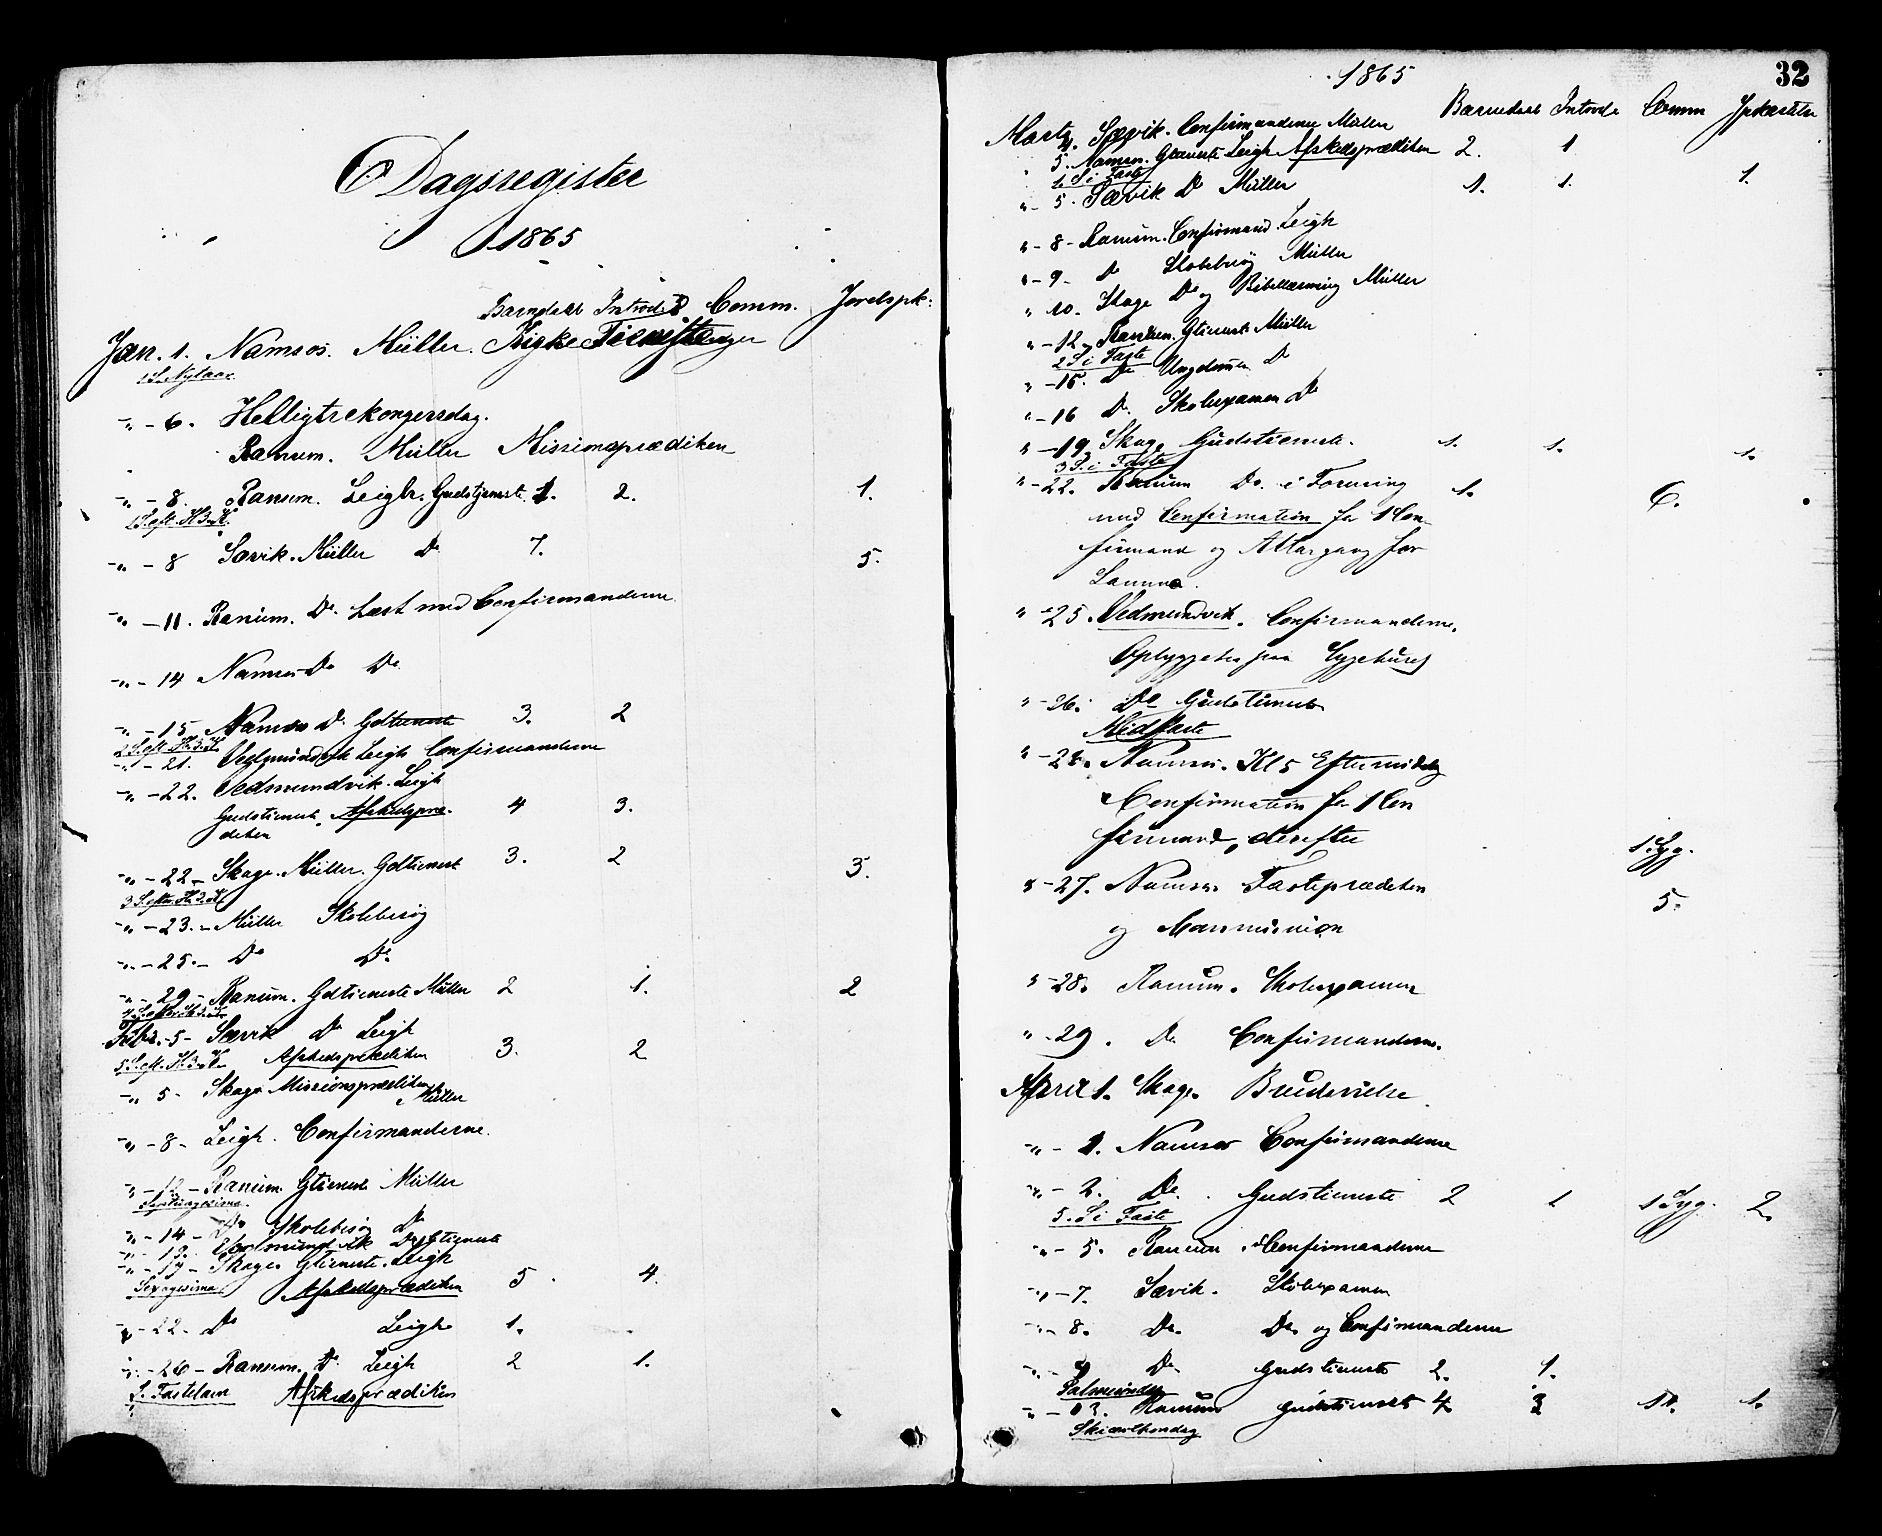 SAT, Ministerialprotokoller, klokkerbøker og fødselsregistre - Nord-Trøndelag, 764/L0553: Ministerialbok nr. 764A08, 1858-1880, s. 32